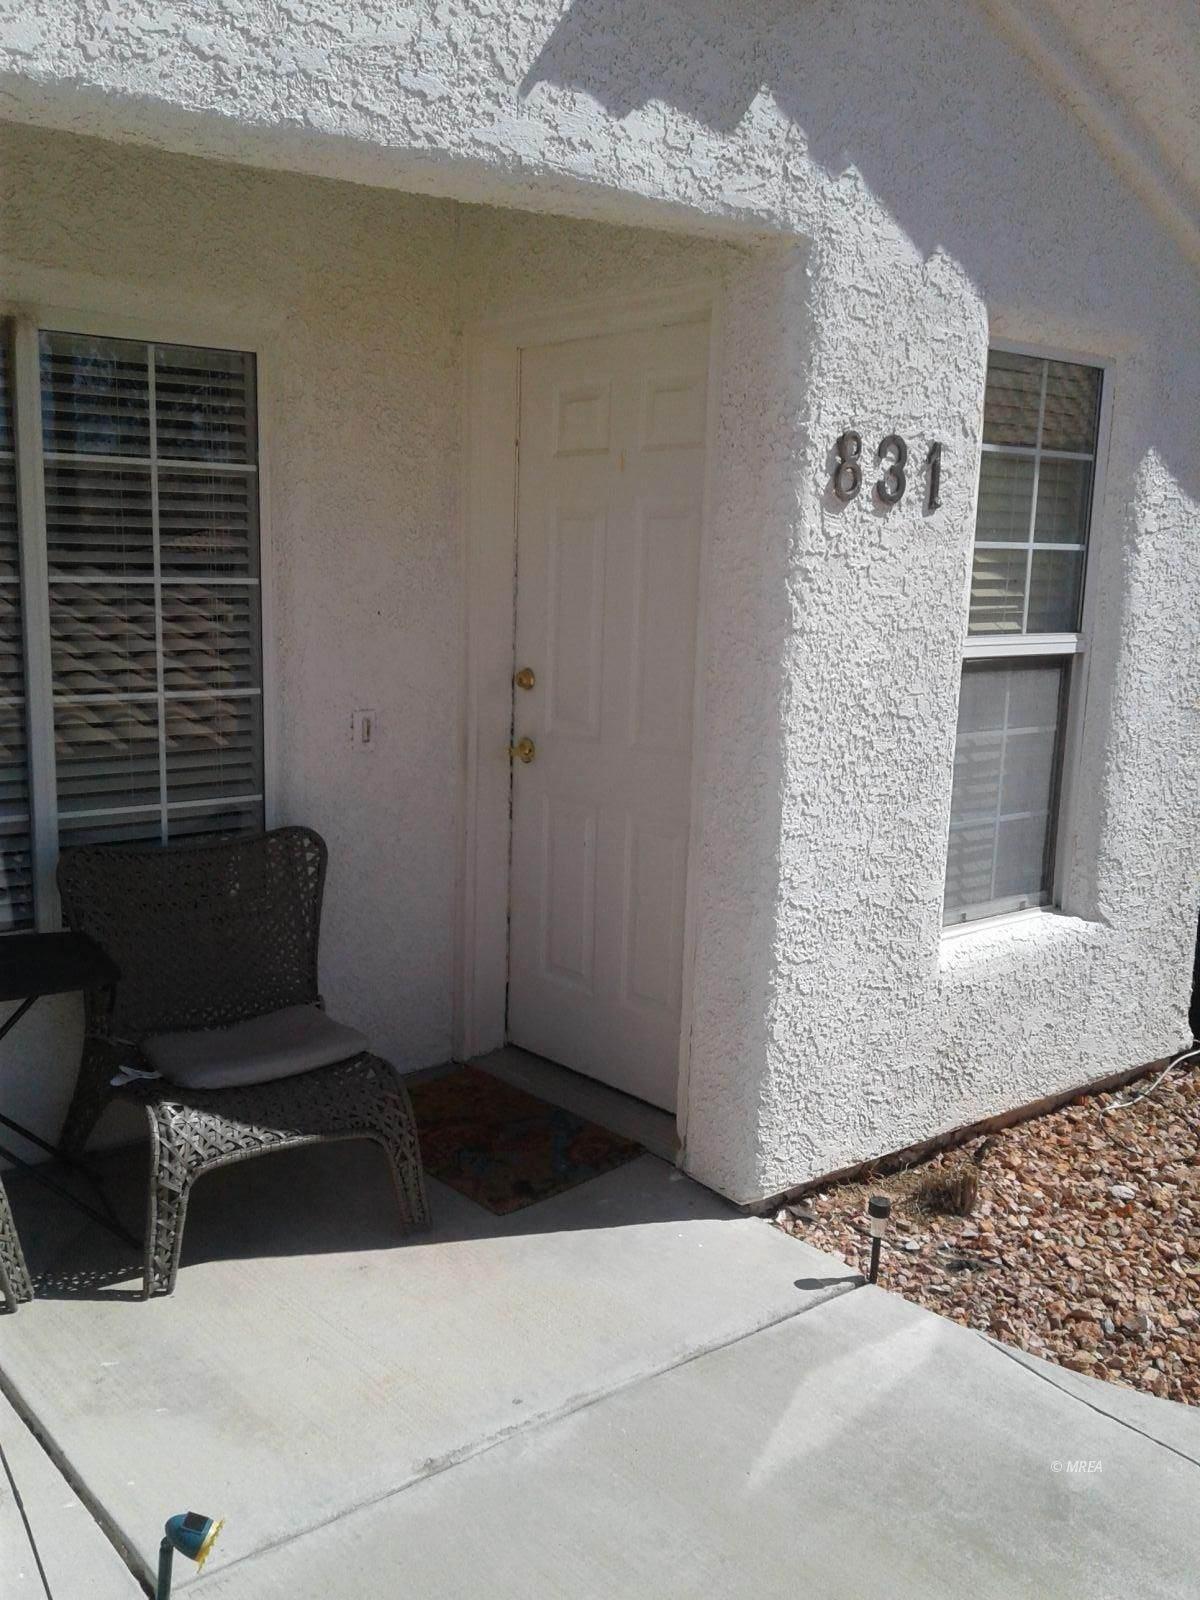 831 Mesa Blvd - Photo 1